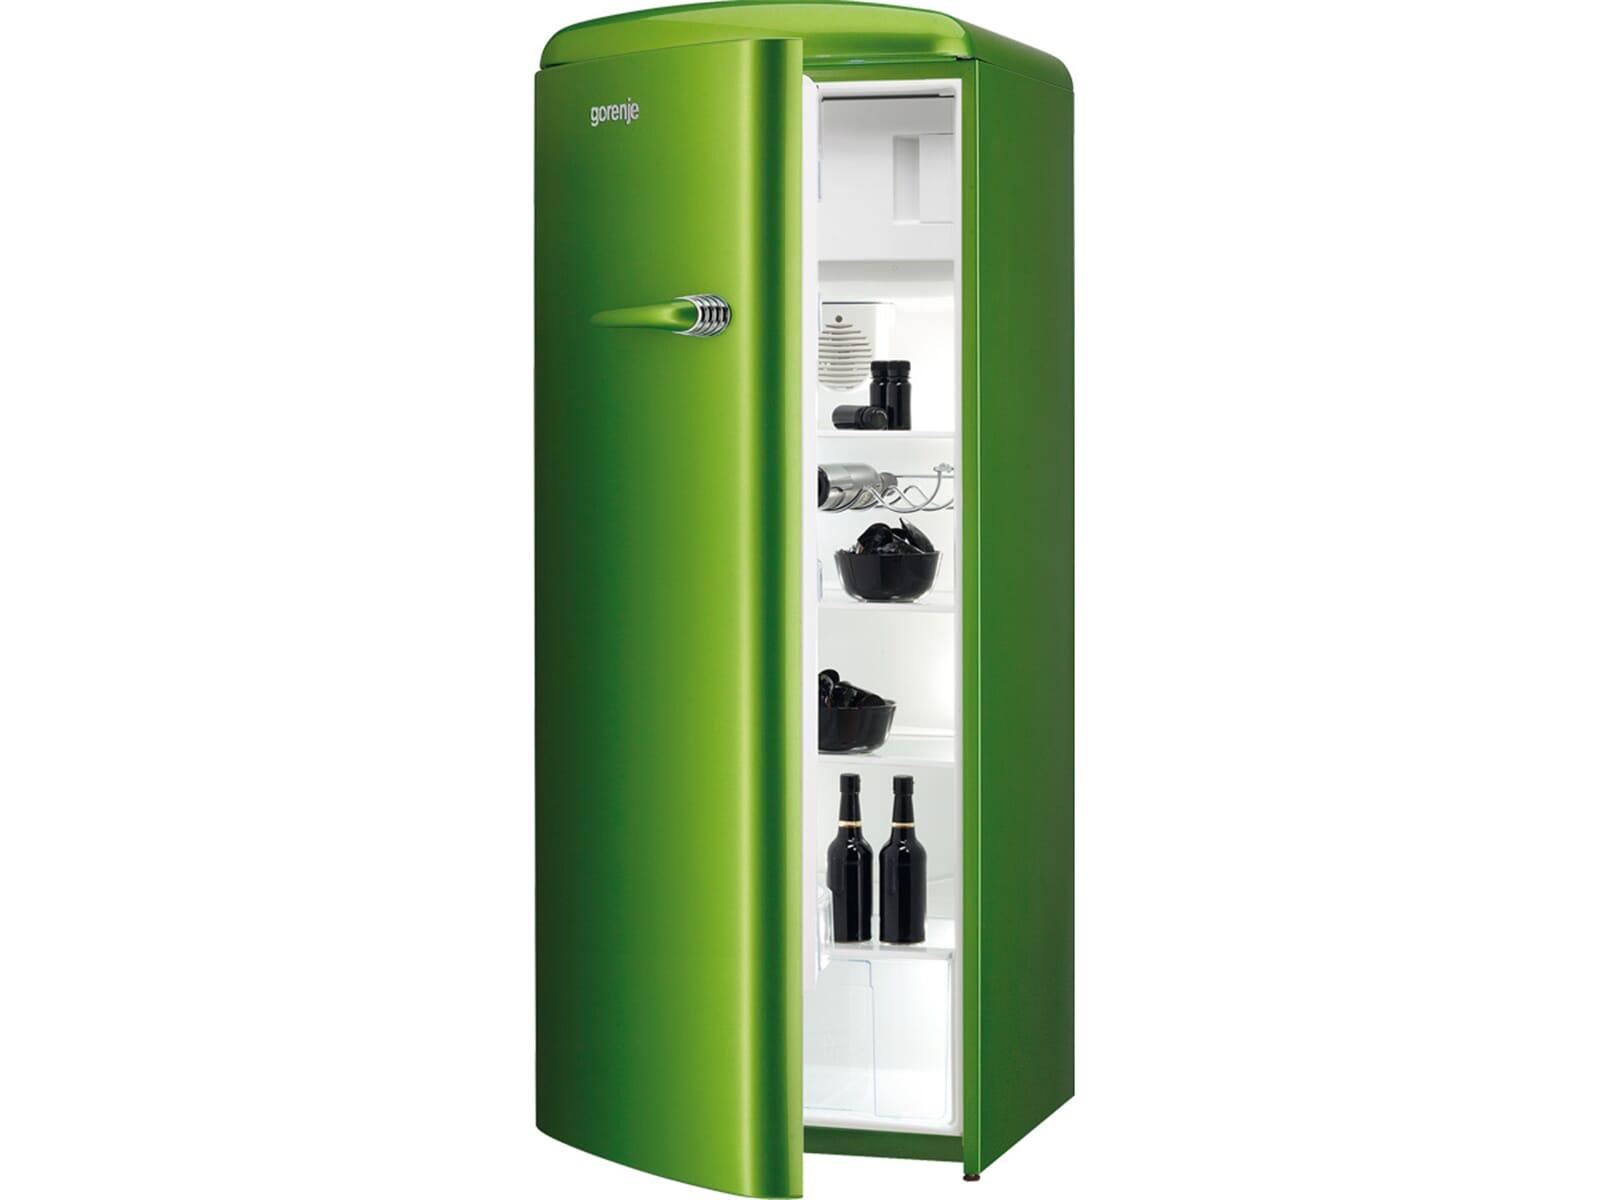 Kühlschrank Justieren Siemens : Kühlschrank einstellen siemens ki fp einbaukühlschrank eek a